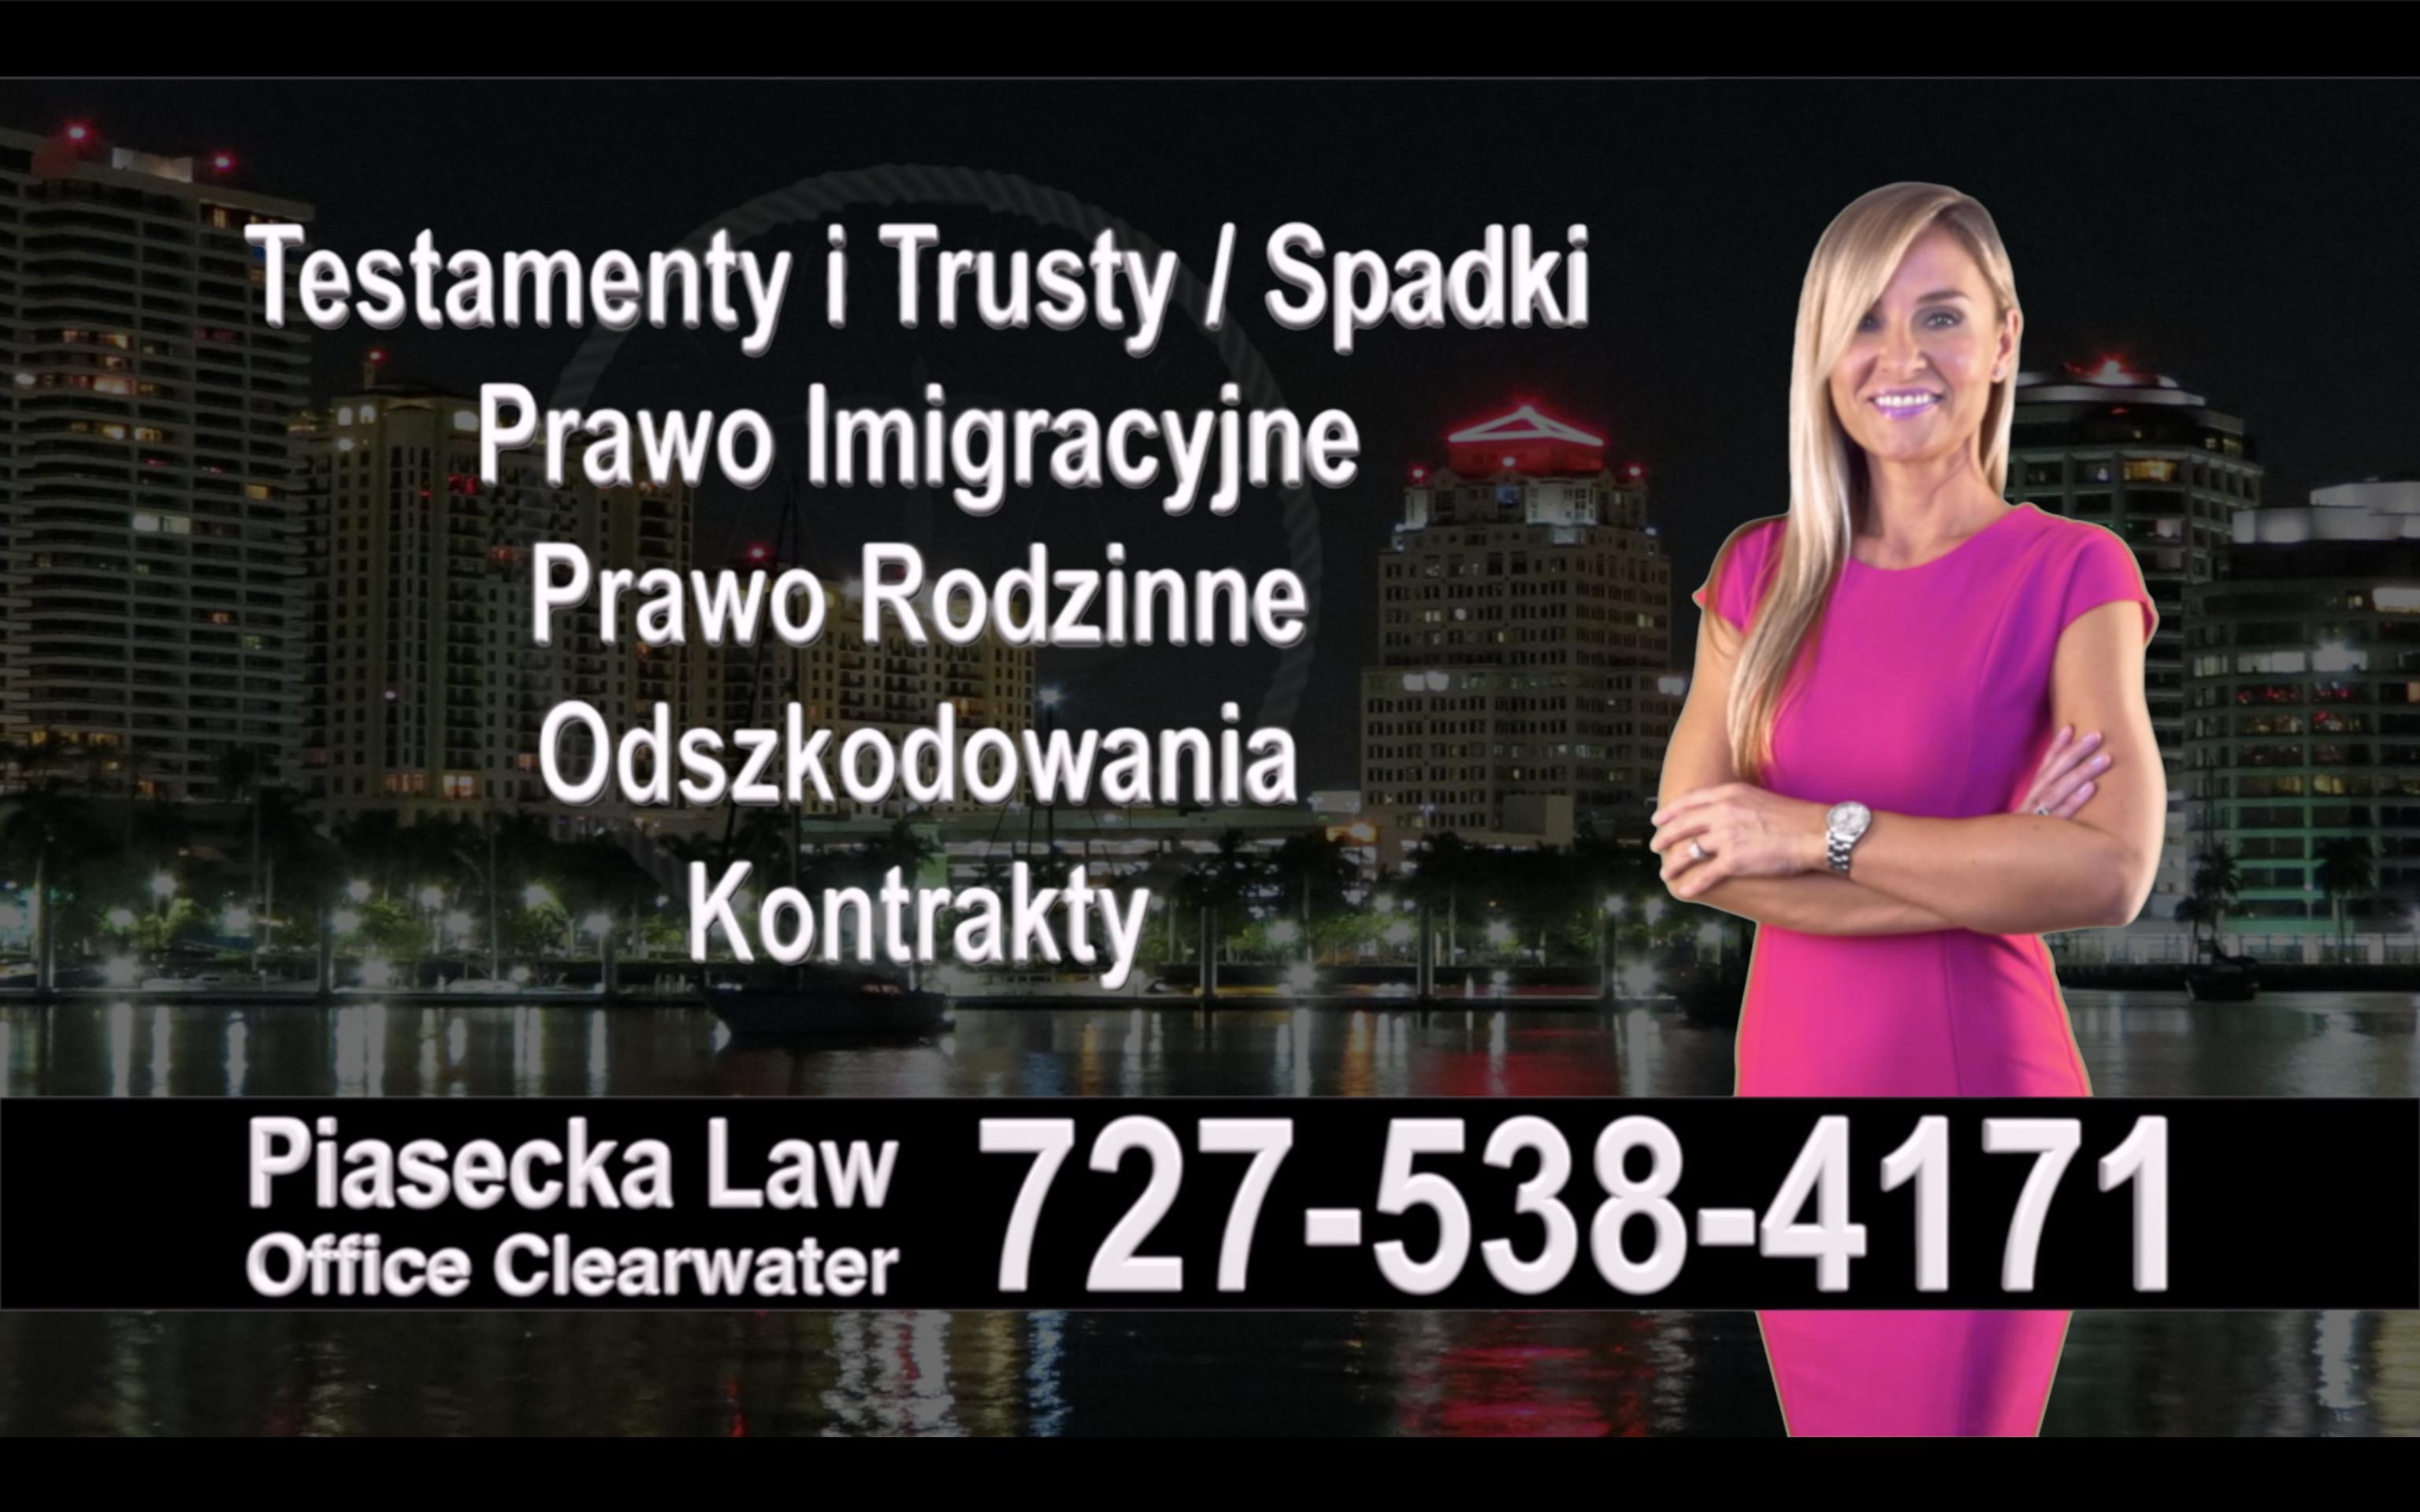 2-polski-prawnik-adwokat-polish-lawyer-attorney-florida-polscy-prawnicy-adwokaci-testament-trust-wypadek